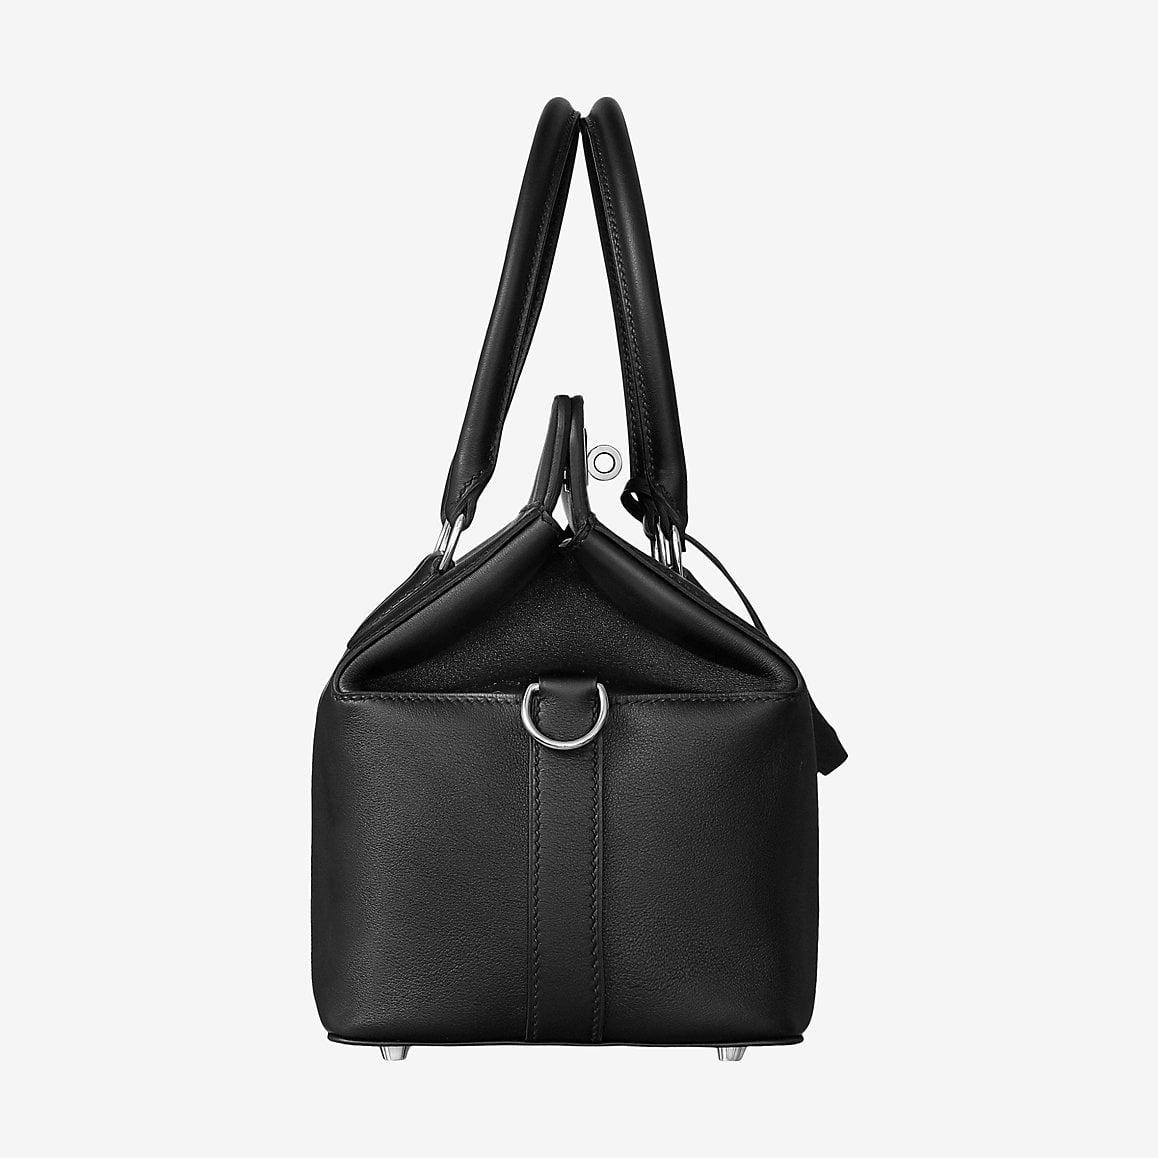 toolbox-20-bag--062206CK89-side-3-300-0-1158-1158